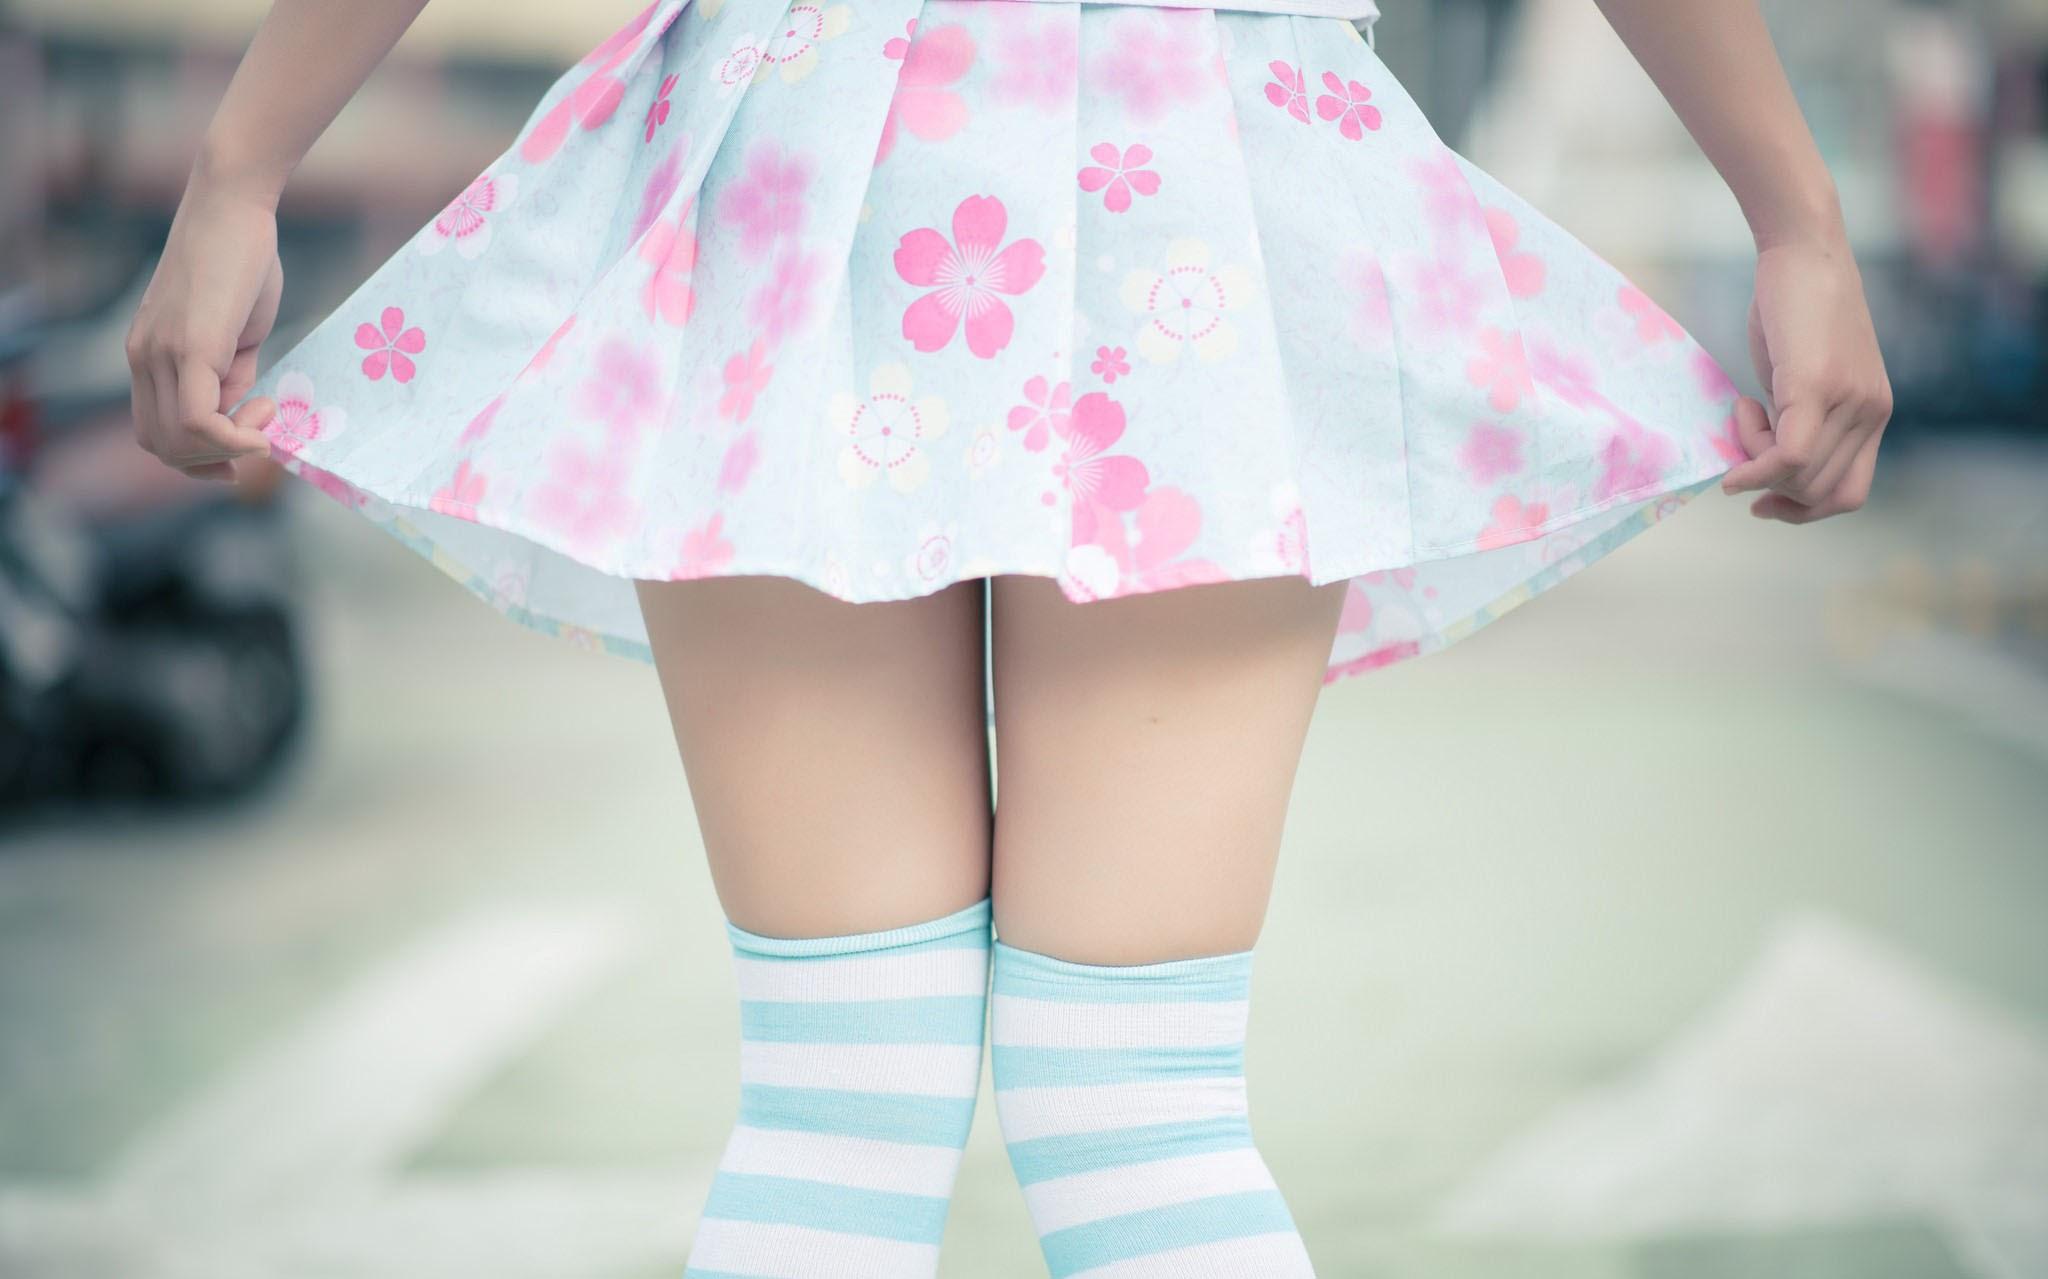 【兔玩映画】腿控福利-杂图集锦 兔玩映画 第49张